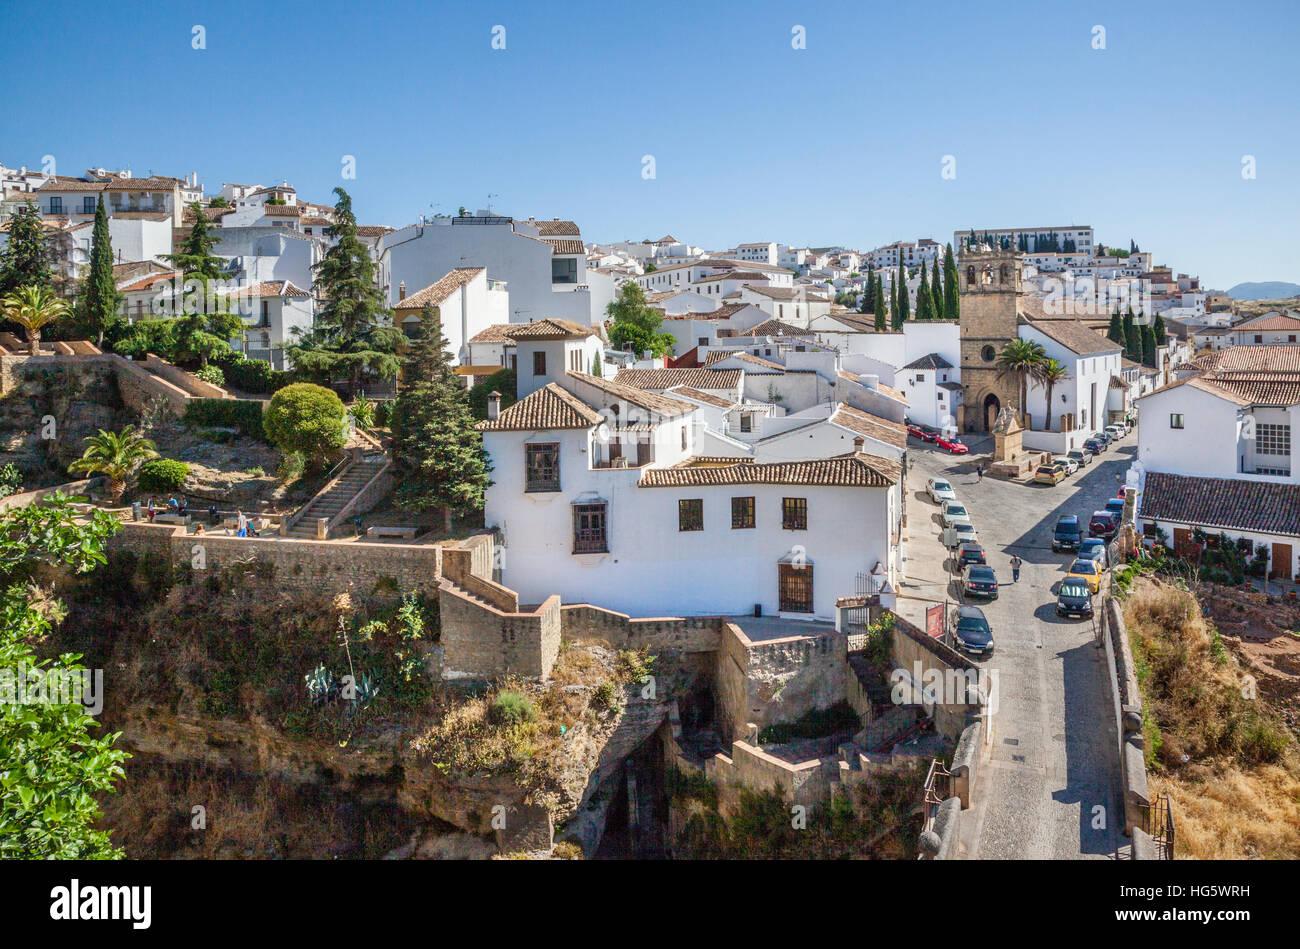 Spanien, Andalusien, Provinz Malaga, Ronda, Puente Viejo, die alte Brücke über El Tajo Schlucht mit Blick Stockbild